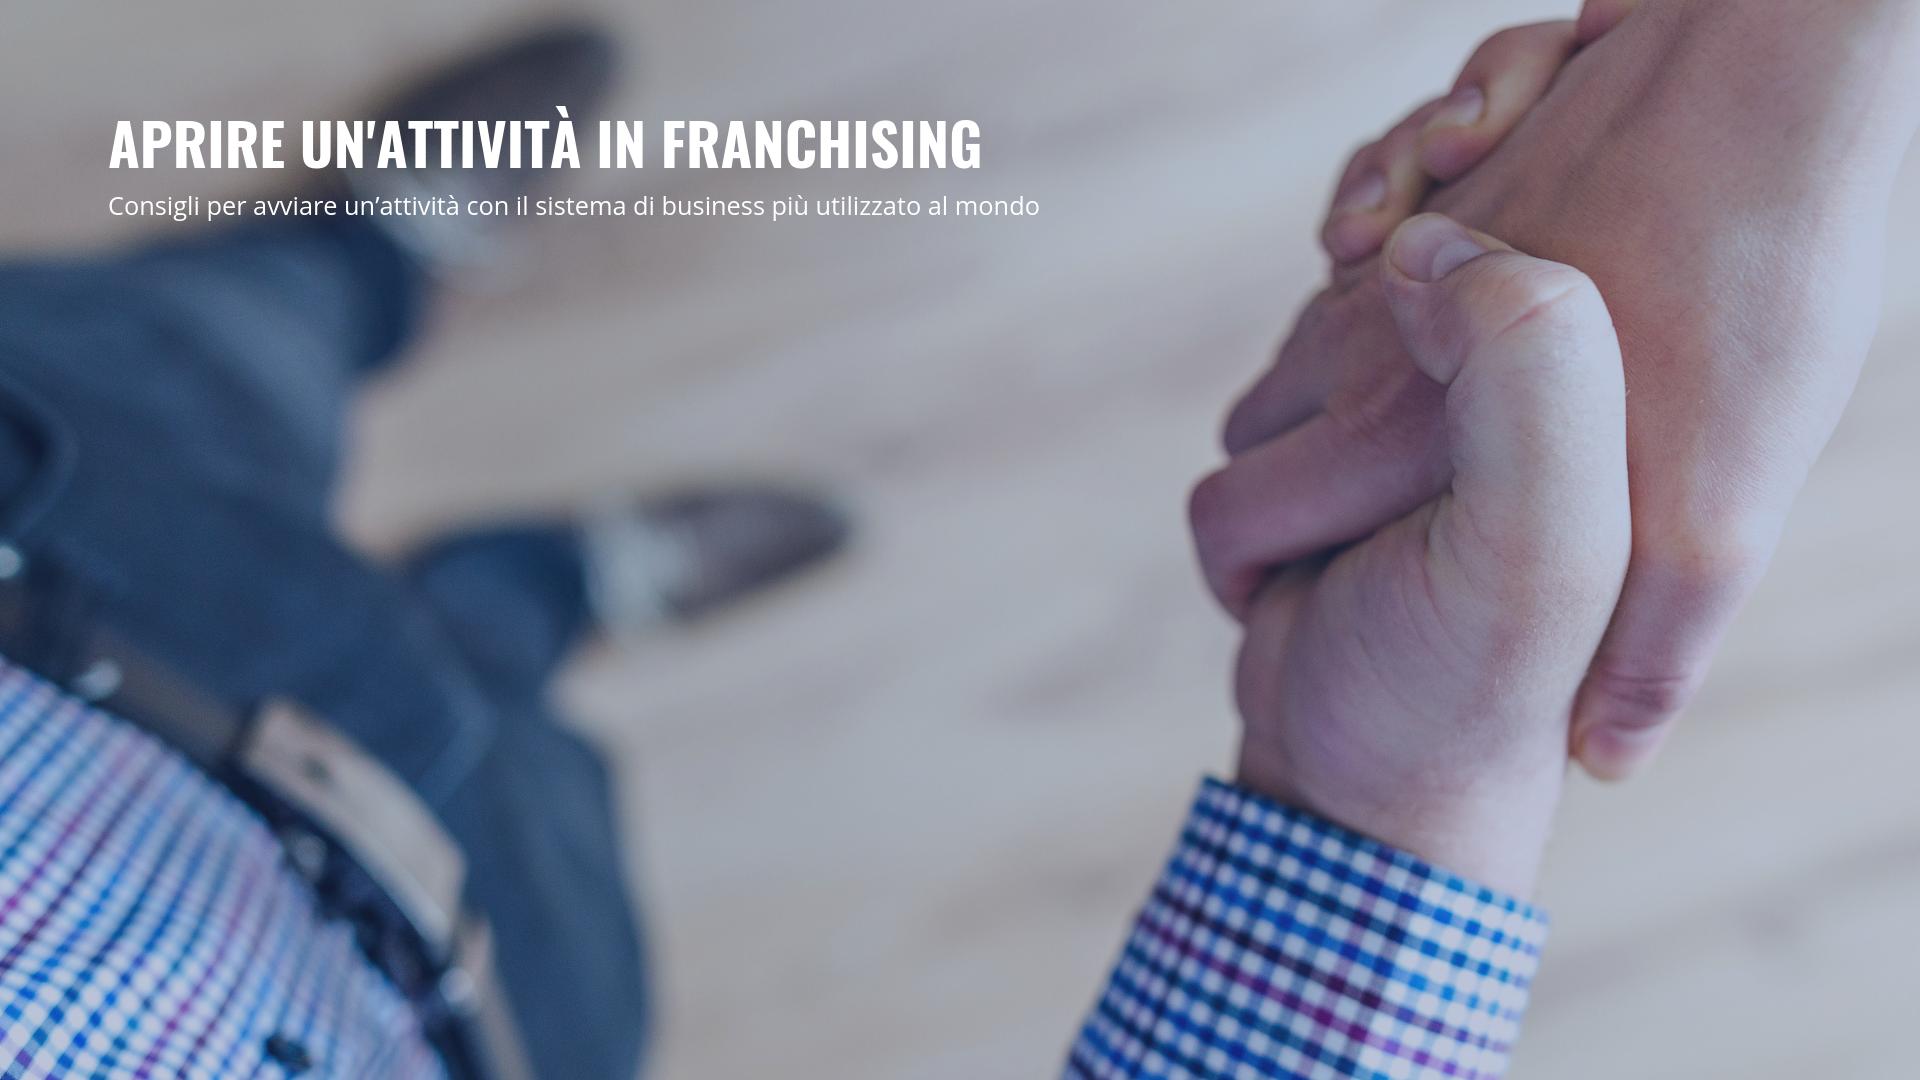 Aprire attività franchising